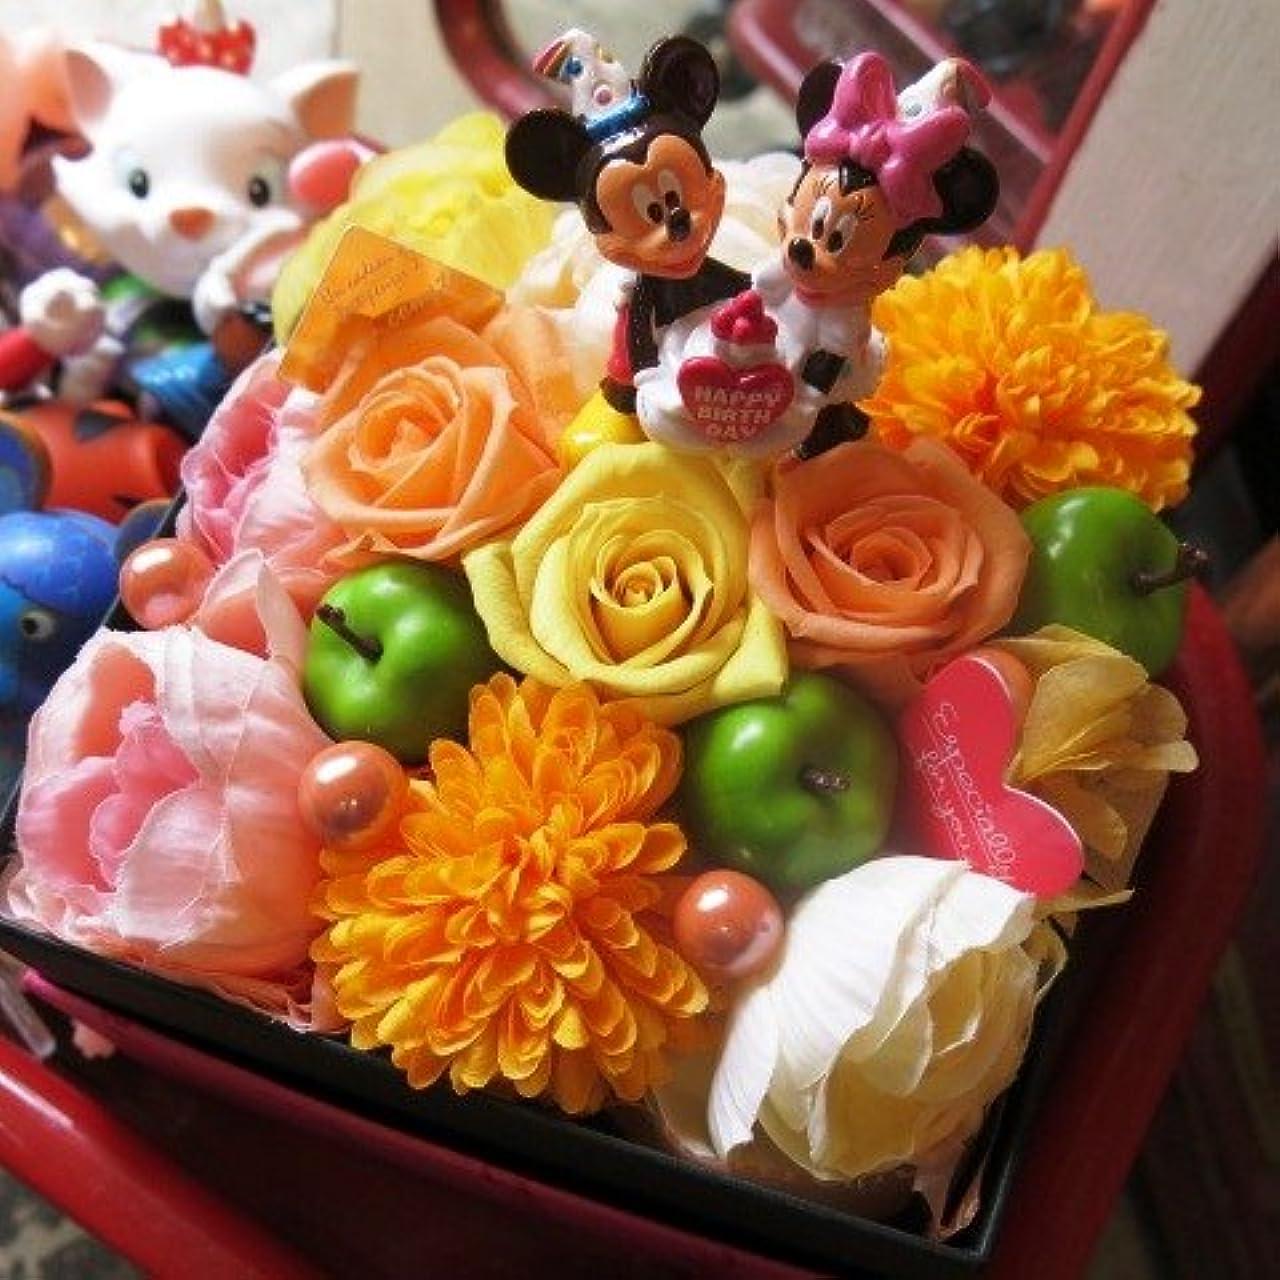 チェス晴れ予定誕生日プレゼント ディズニー フラワーギフト 花 バースデー ミッキー ミニー A プリザーブドフラワーフレンチbox入り イエローオレンジ系